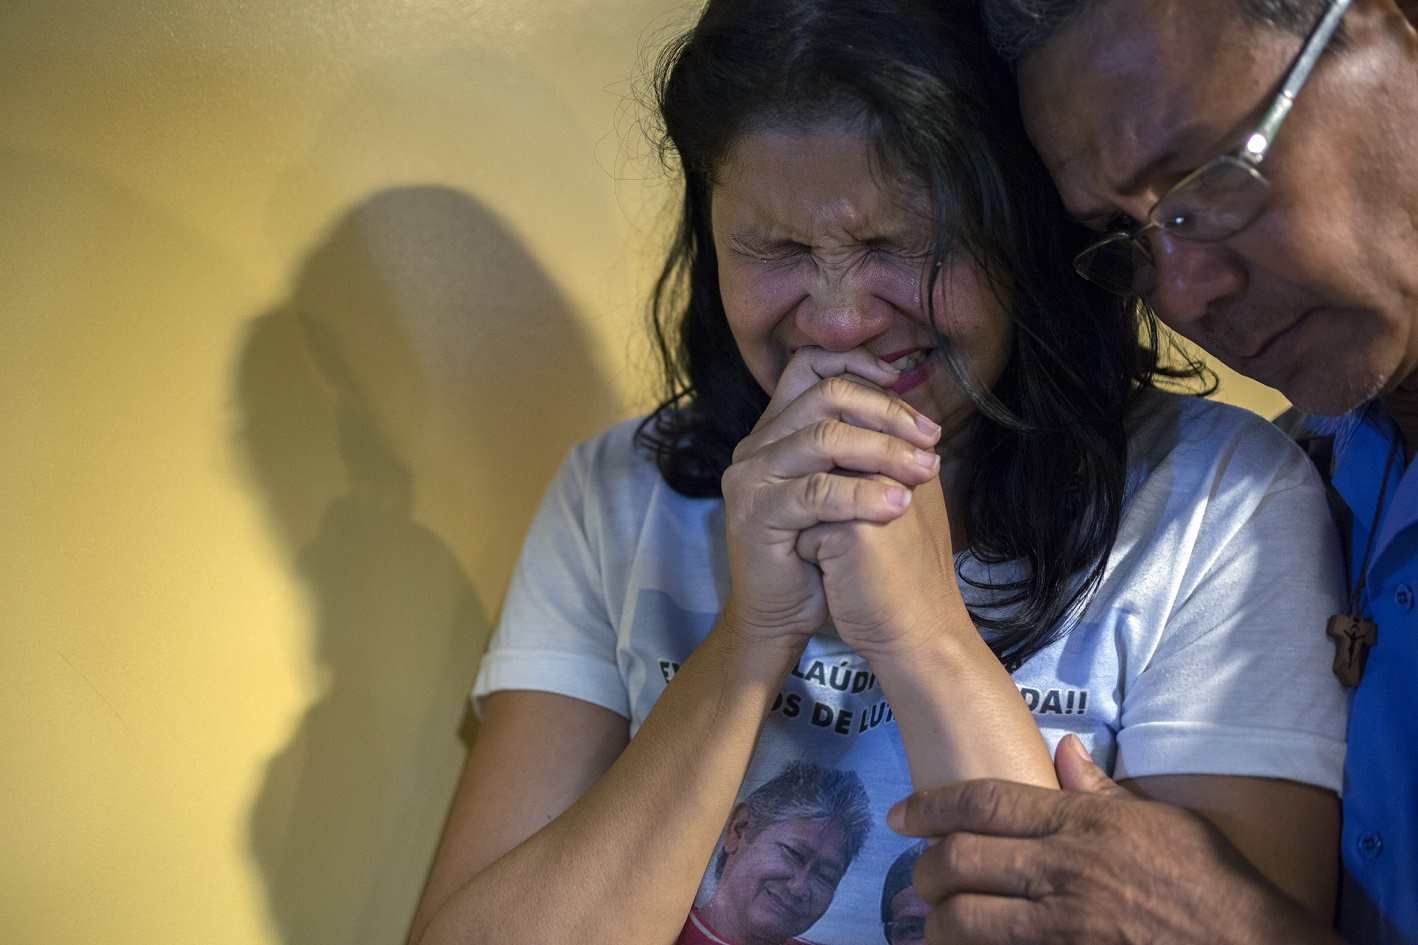 Claudelice e um de seus irmãos choram ao ouvir a sentença em que o mandante do duplo assassinato de seu irmão e cunhada, o fazendeiro José Rodrigues, é condenado a 60 anos de prisão, em 2016. Foto/Marizilda Cruppe/Greenpeace Photo Award